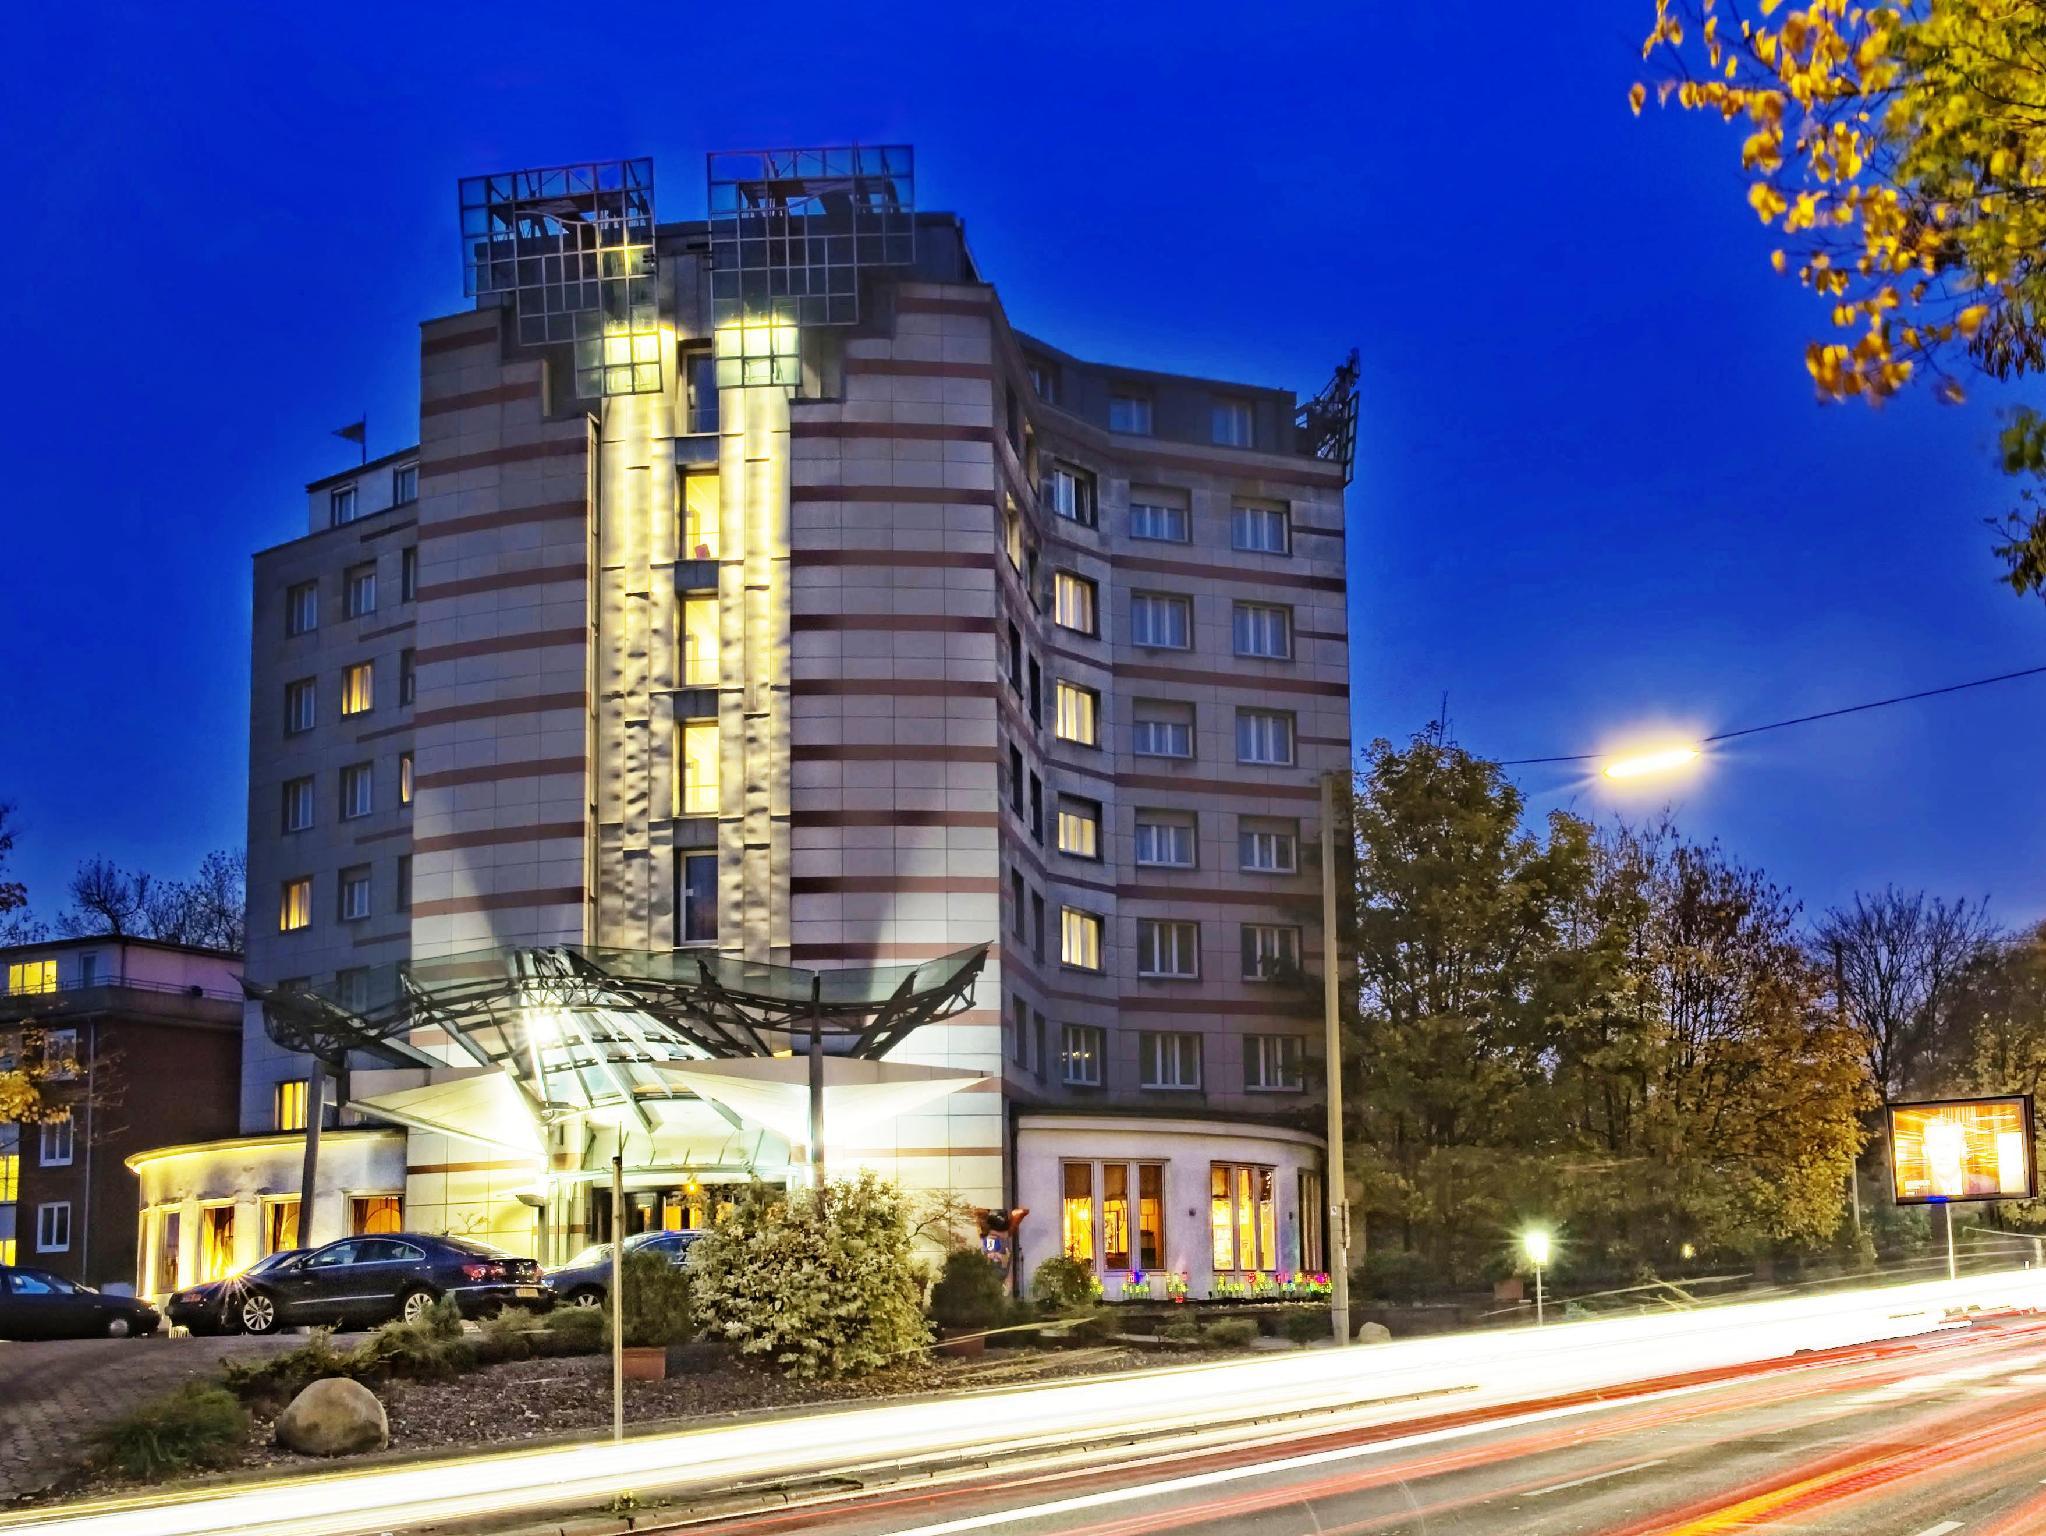 Wyndham Garden Hotel Hamburg City Centre Berliner Tor - Hamburg